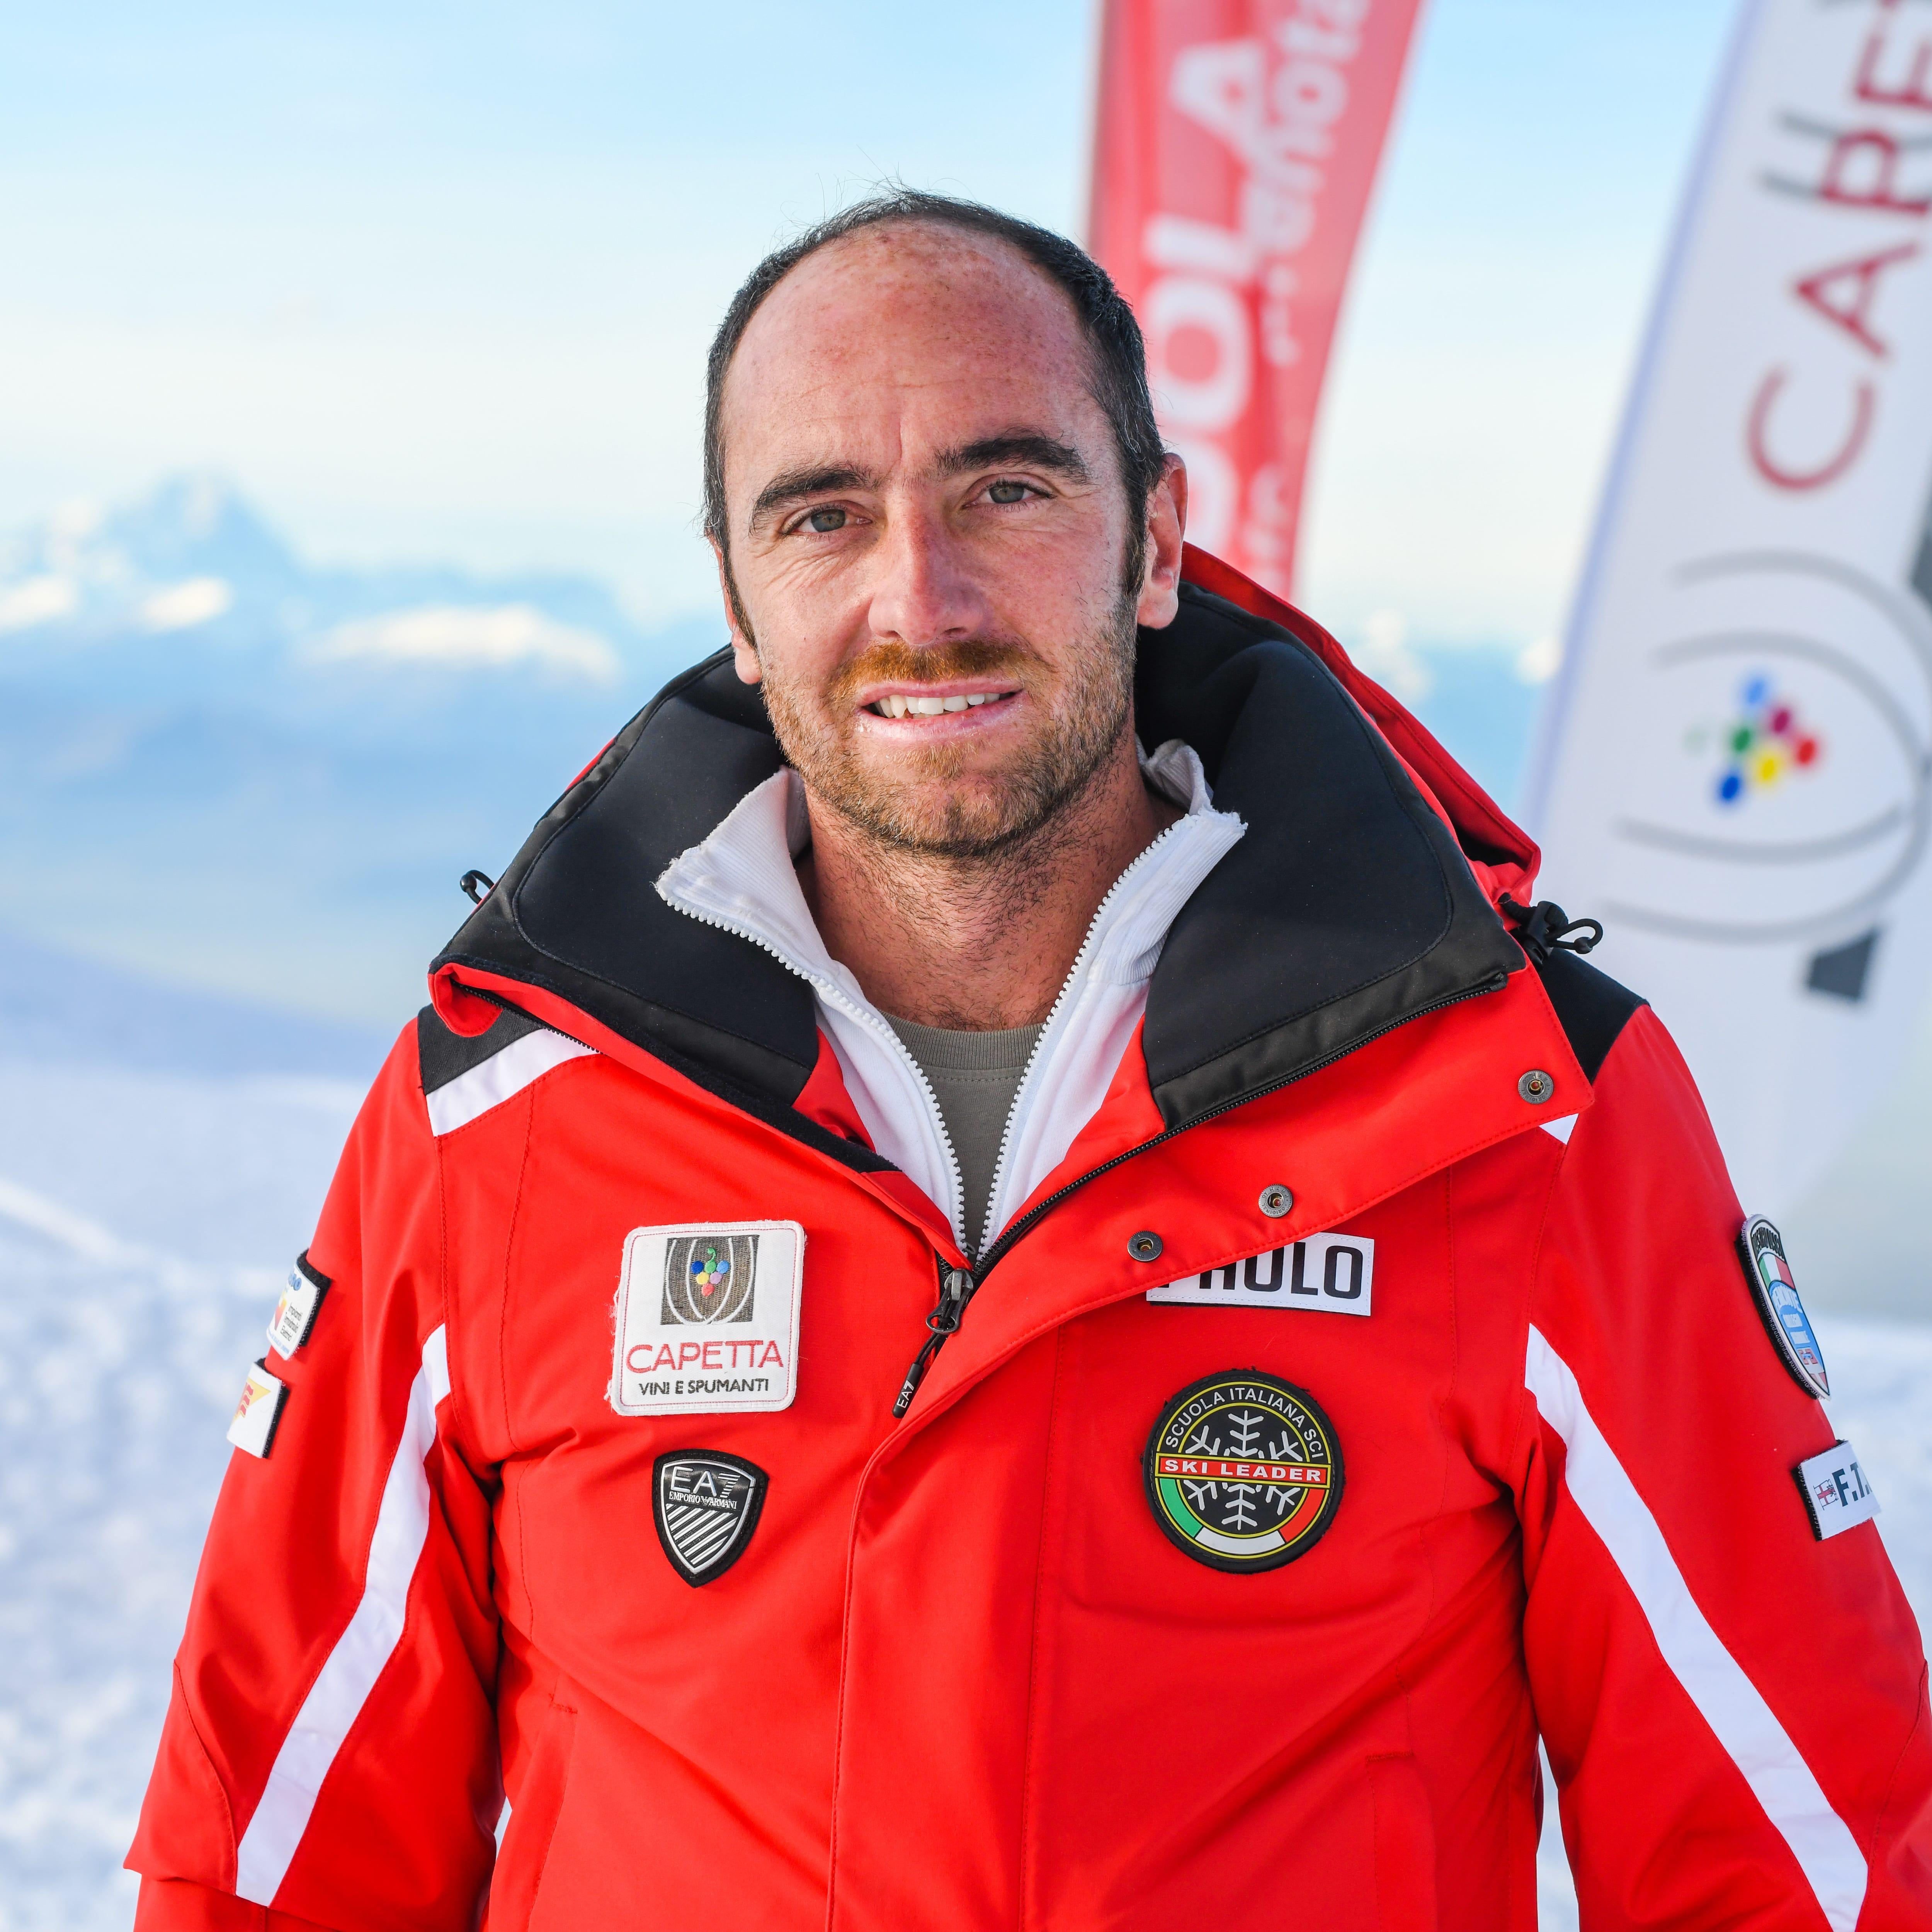 Paolo Ponzo